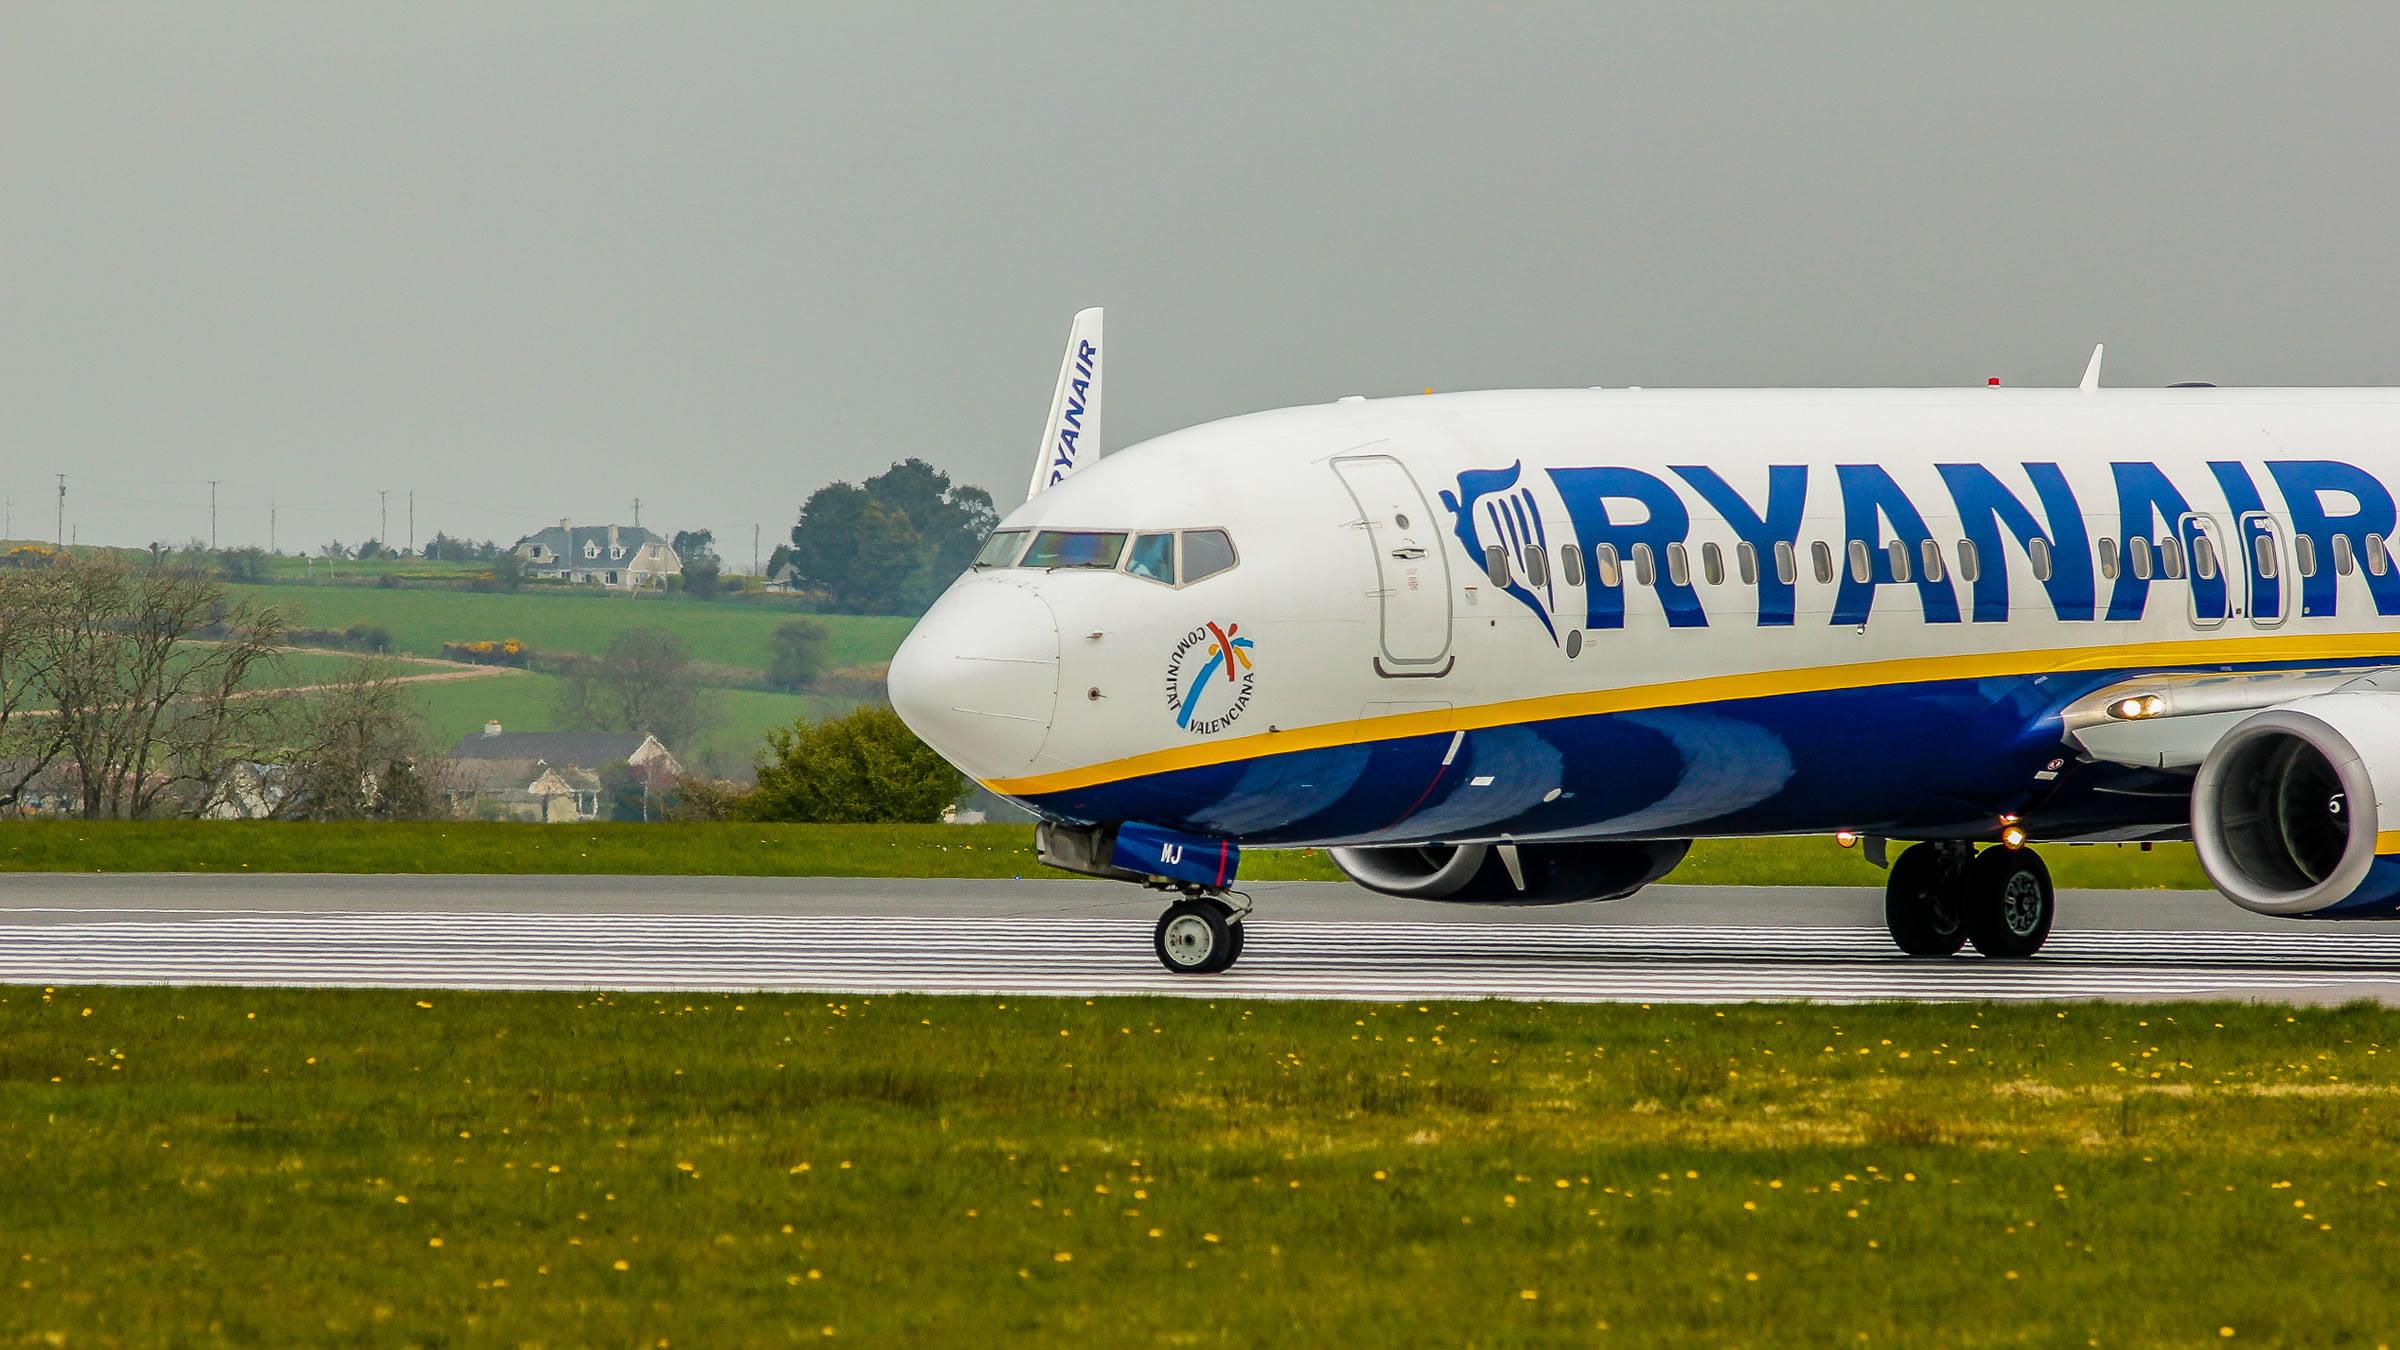 Pros y contras de la aerol nea ryanair for Hormigon impreso pros y contras